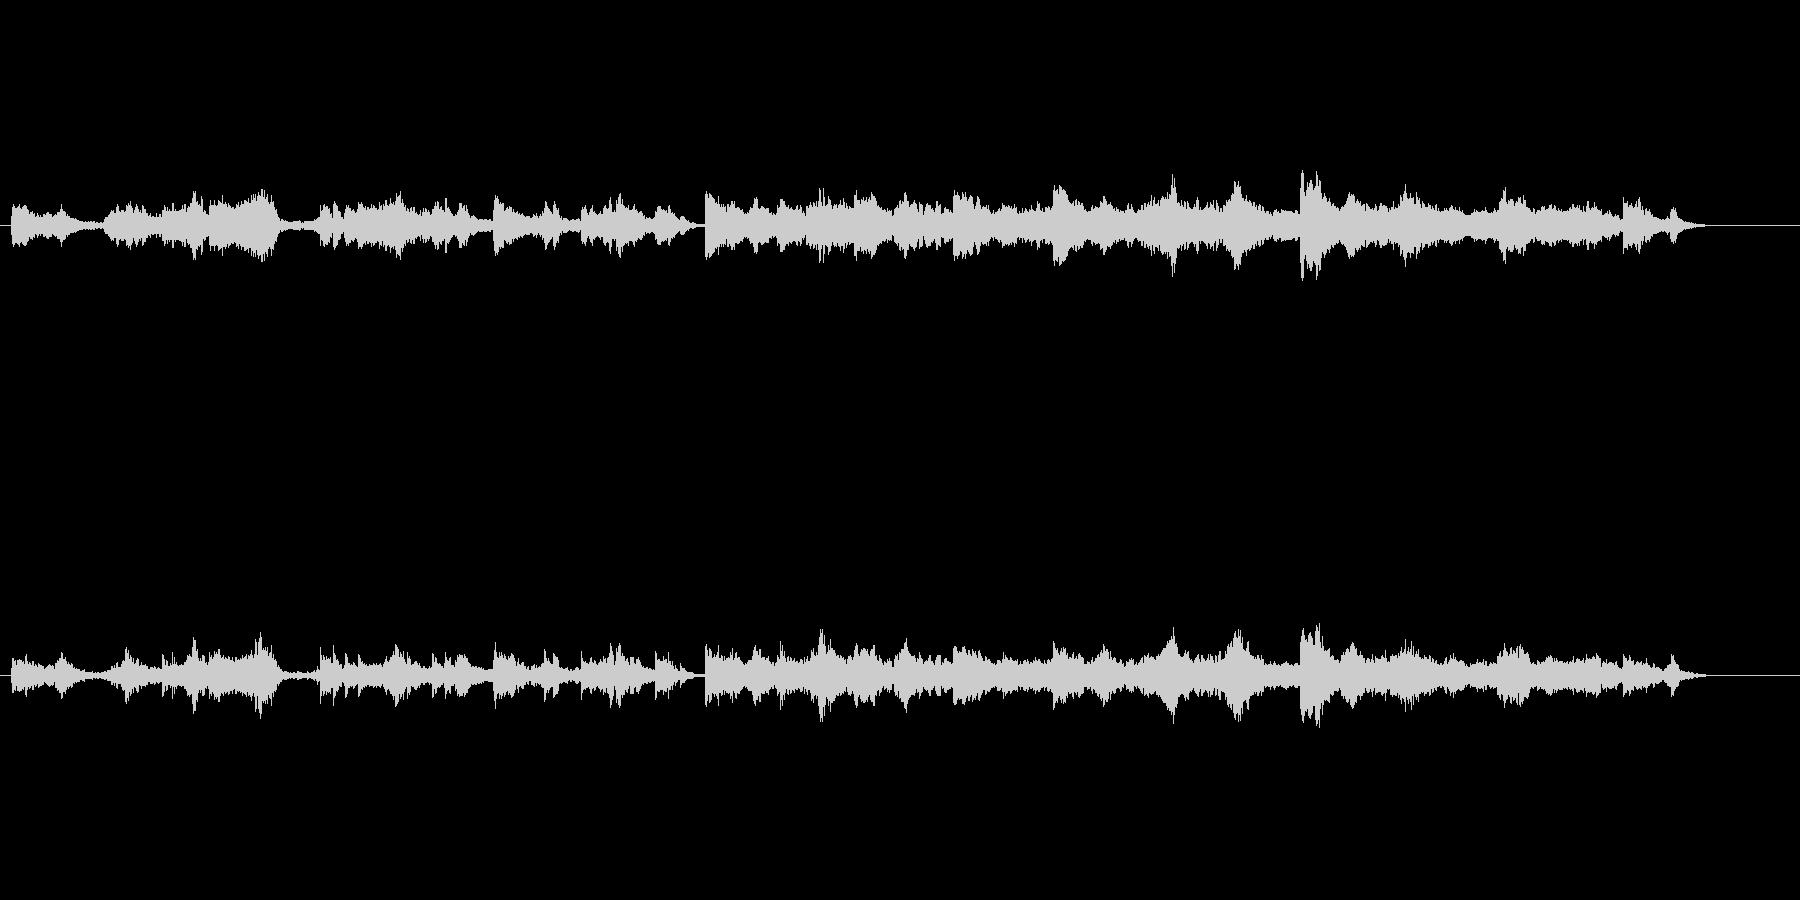 環境音楽風(1992宇宙の旅)の未再生の波形